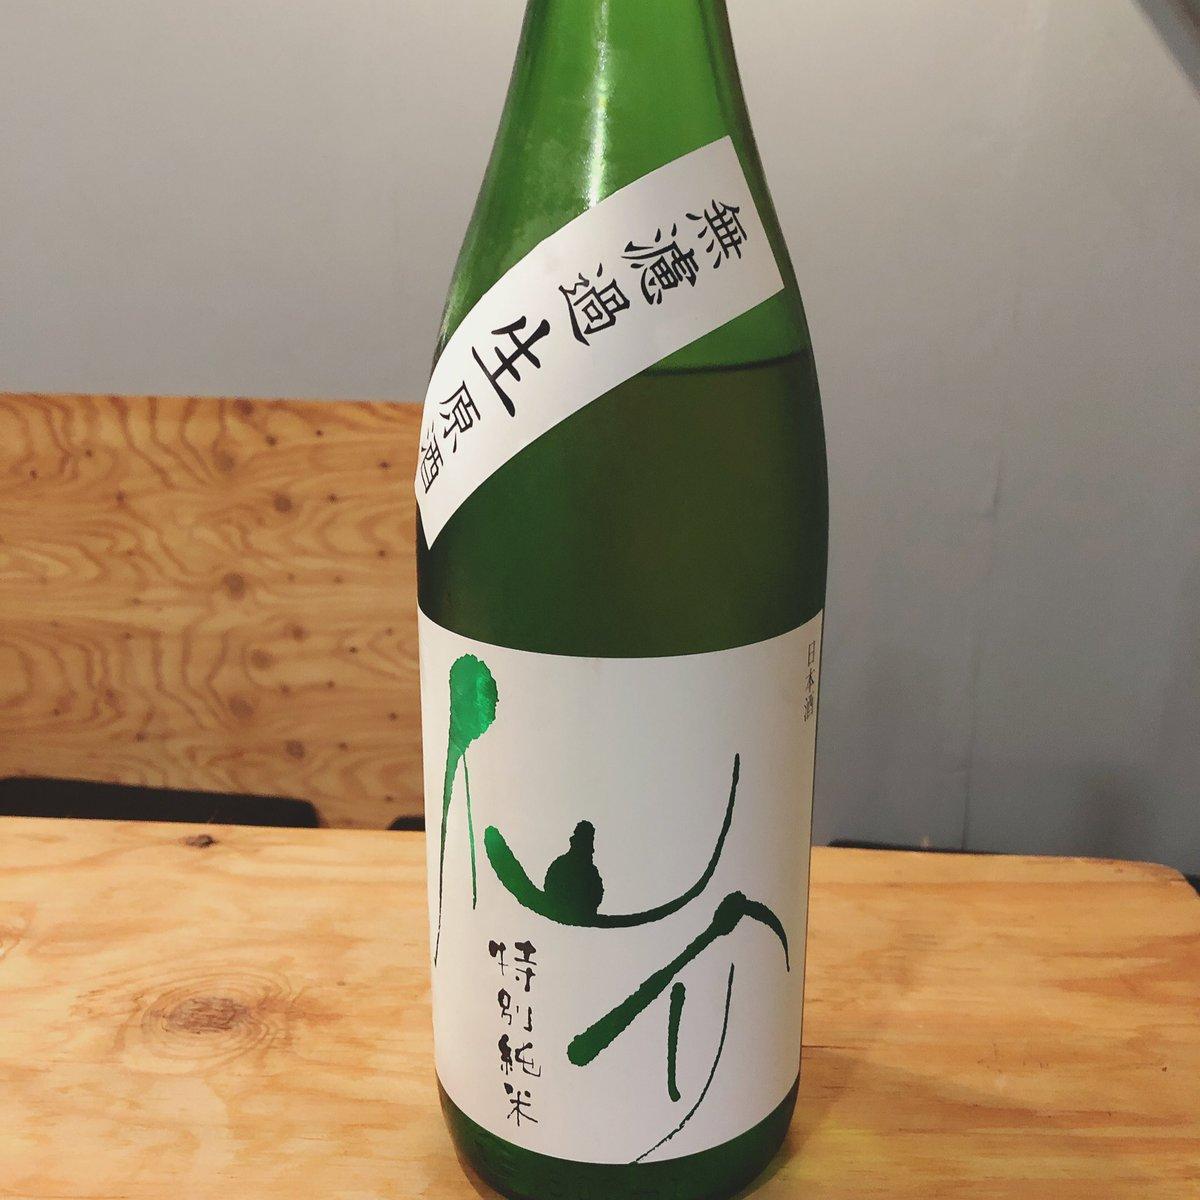 test ツイッターメディア - 自分の強みを活かした分野でライティングを仕事にしていこうと実行中✨  僕はやっぱり日本酒🍶が大好きで色んな人にその良さを届けたい😆  と言うわけで、日本酒ライターとしても案件取れるよう動いていきます✨ 写真は大好きな #仙介 さん  #日本酒 #RZPK @RZPK2019  #webライター https://t.co/9Z8WzJTfYj